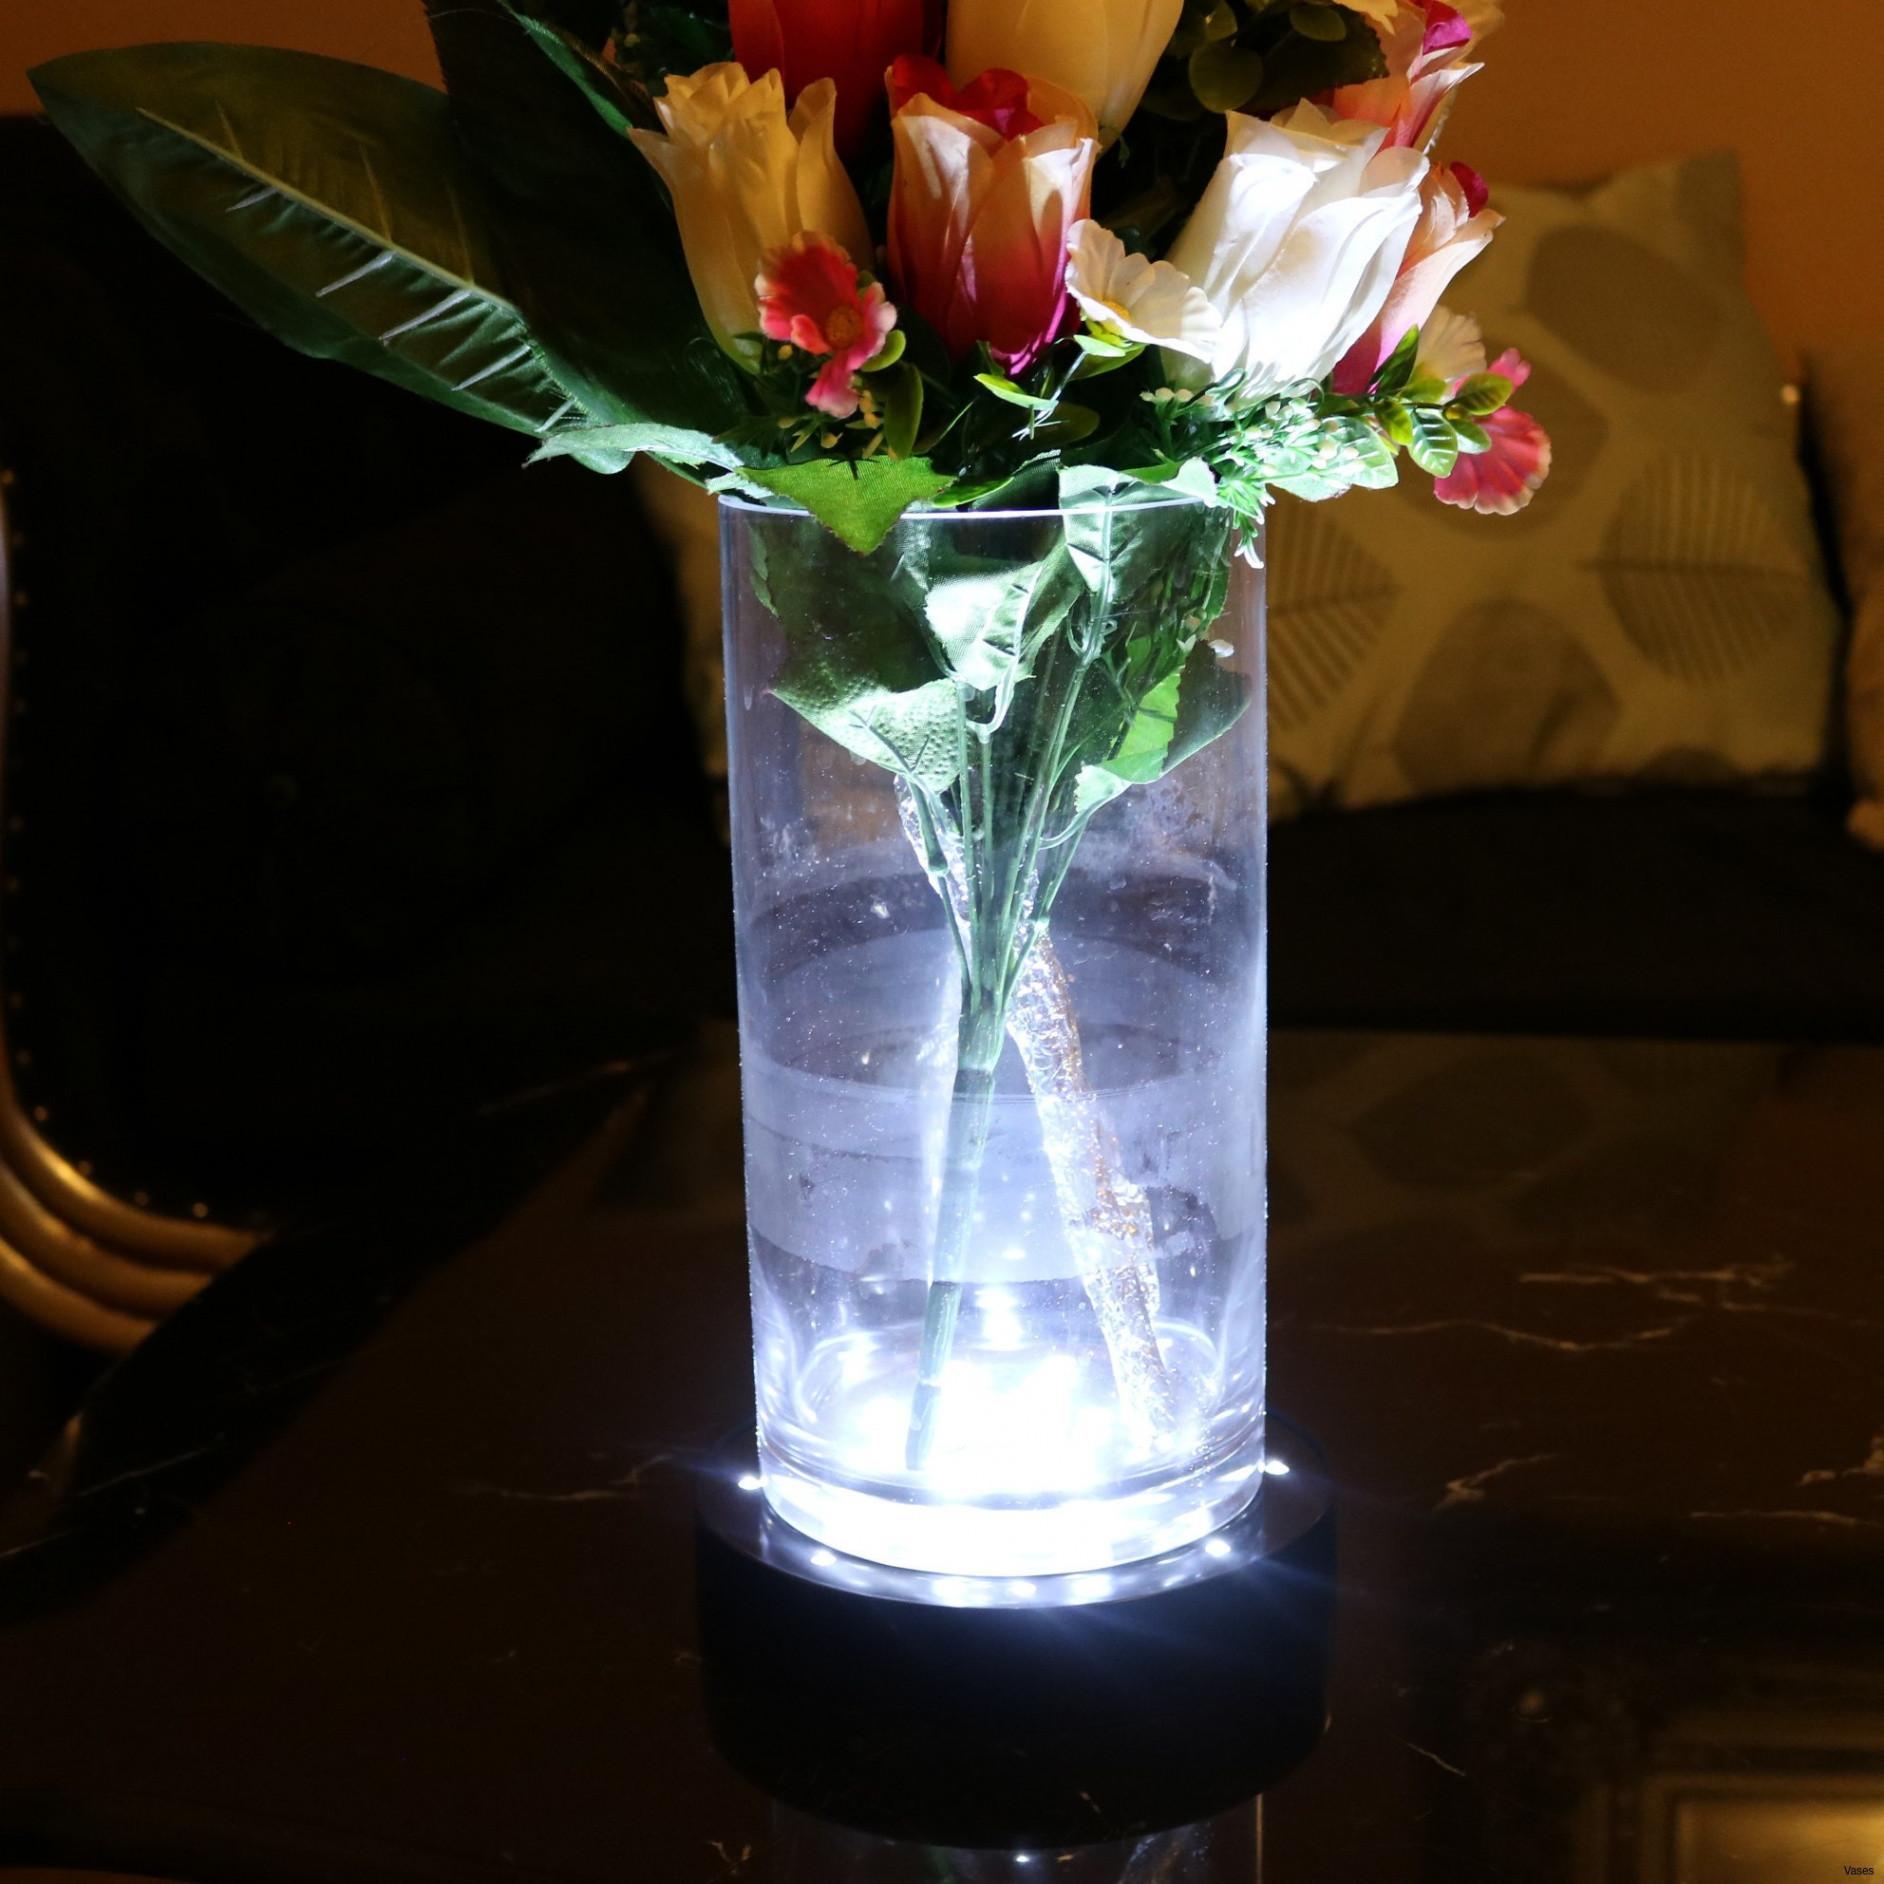 ikebana flower vase of h vases wall hanging flower vase newspaper i 0d scheme wall scheme within image de vases disposable plastic single cheap flower rose vasei 0d design vase blanc